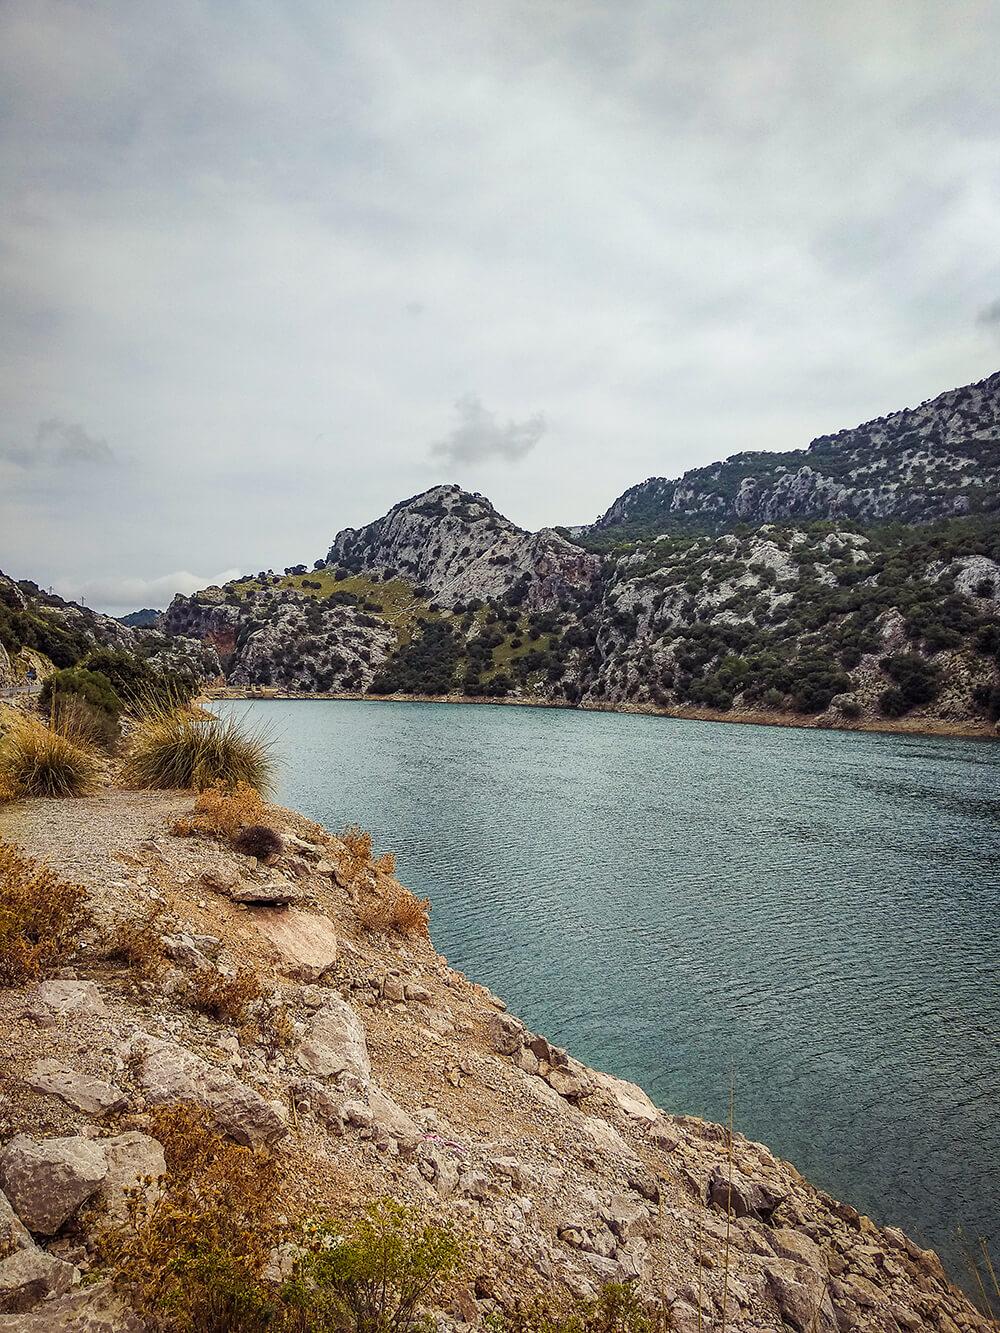 Mallorca-Gorg-Blau-Stausee-Tramuntana-15